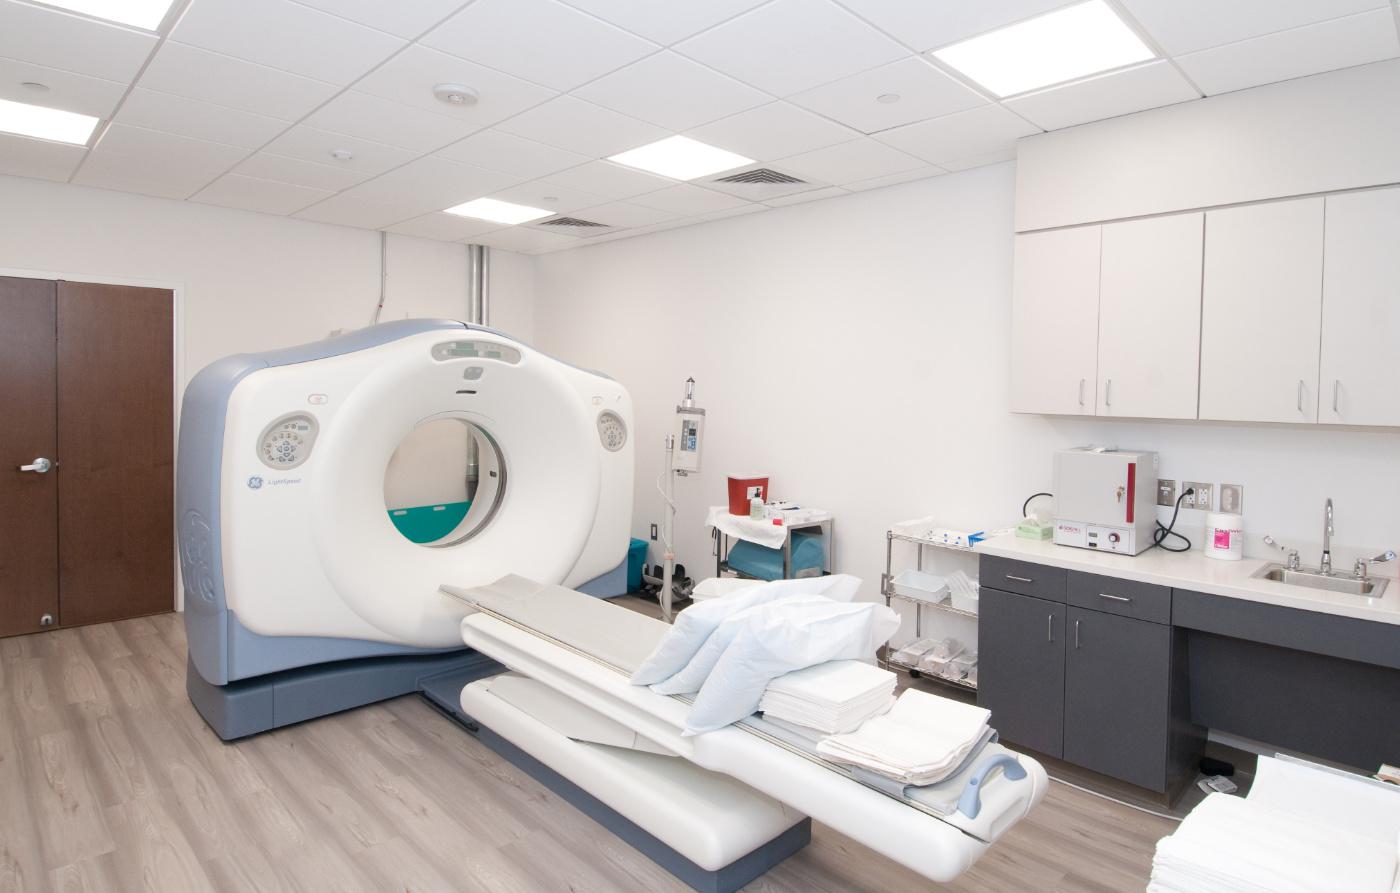 CT Scan Room Landscape